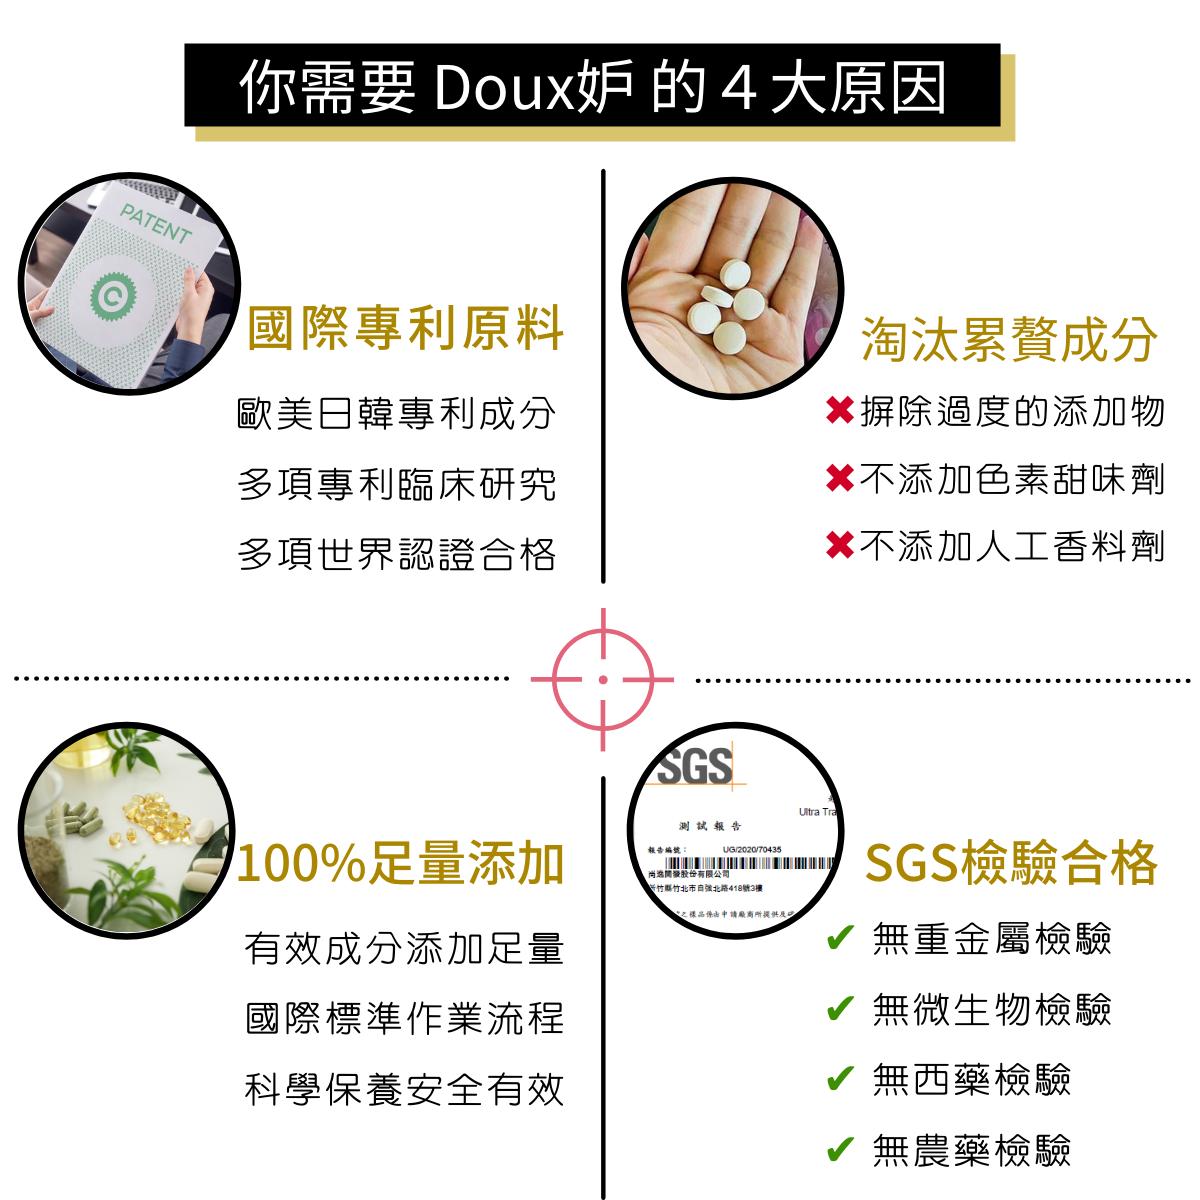 你選擇Doux的4大原因